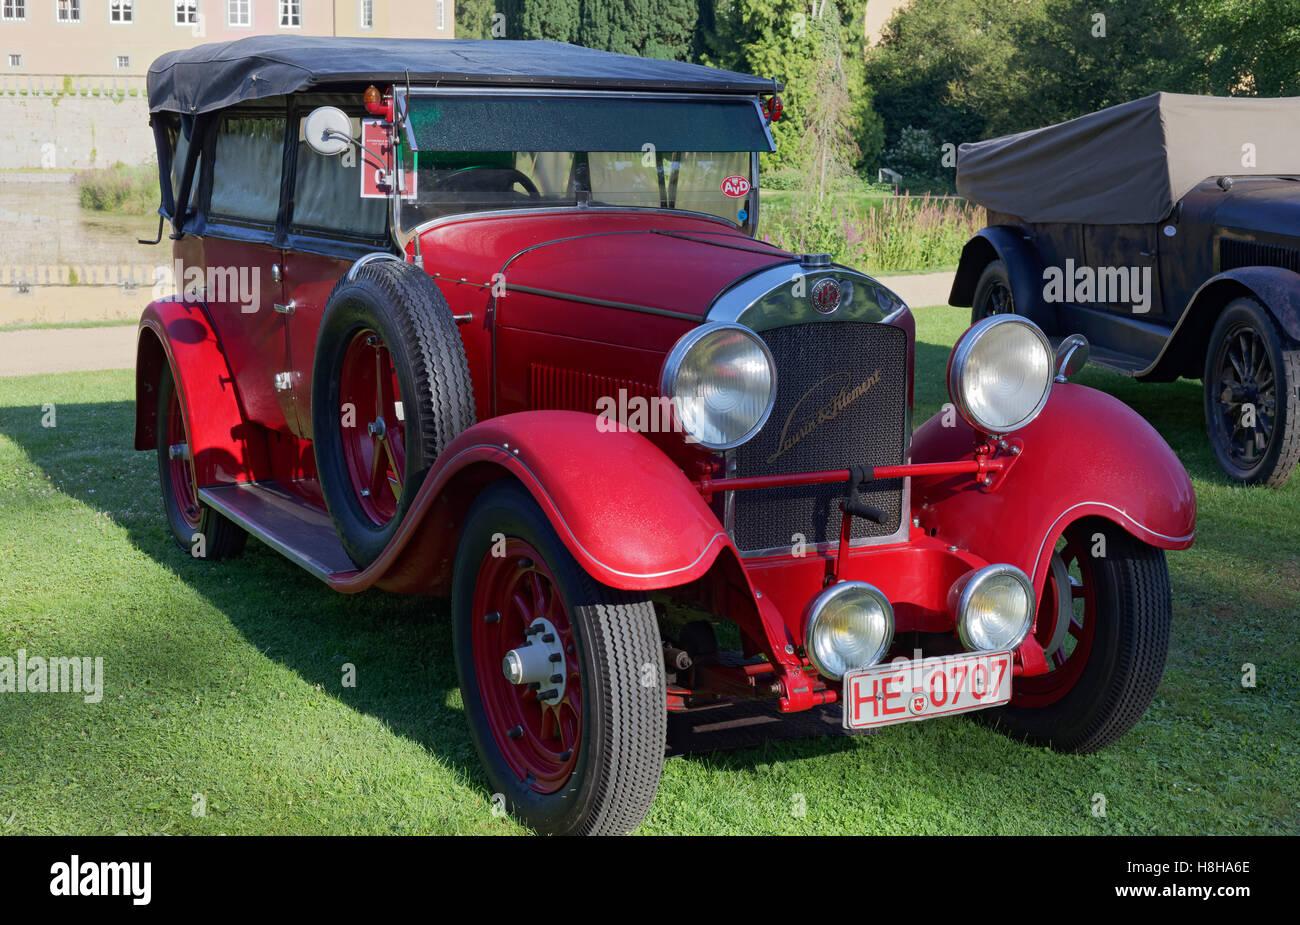 Laurin & Klement type 110,1925 model, Czech vintage car, Schloss Dyck Classic Days 2016 Jüchen, Niederrhein - Stock Image